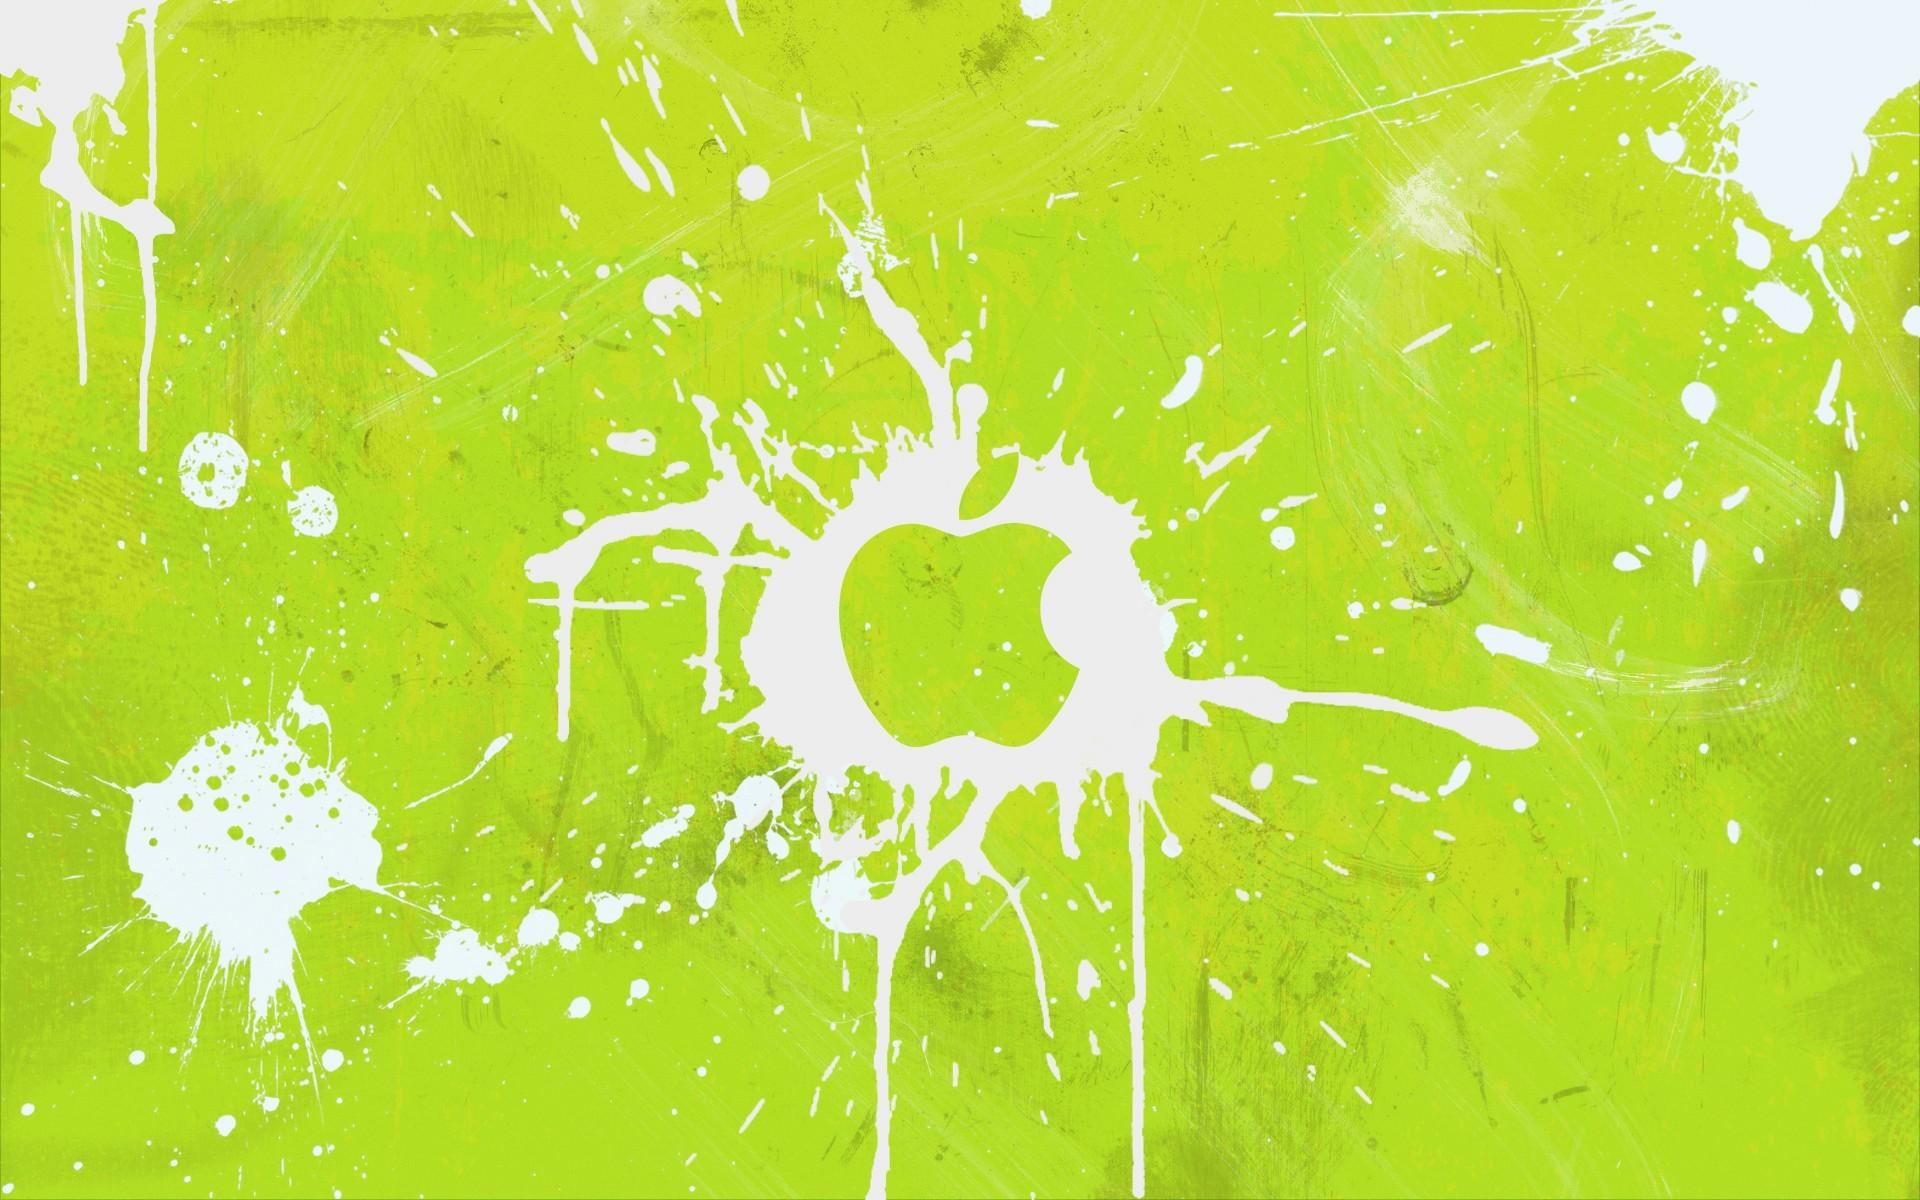 Sfondi Illustrazione Verde Giallo Cerchio Vernice Splatter La